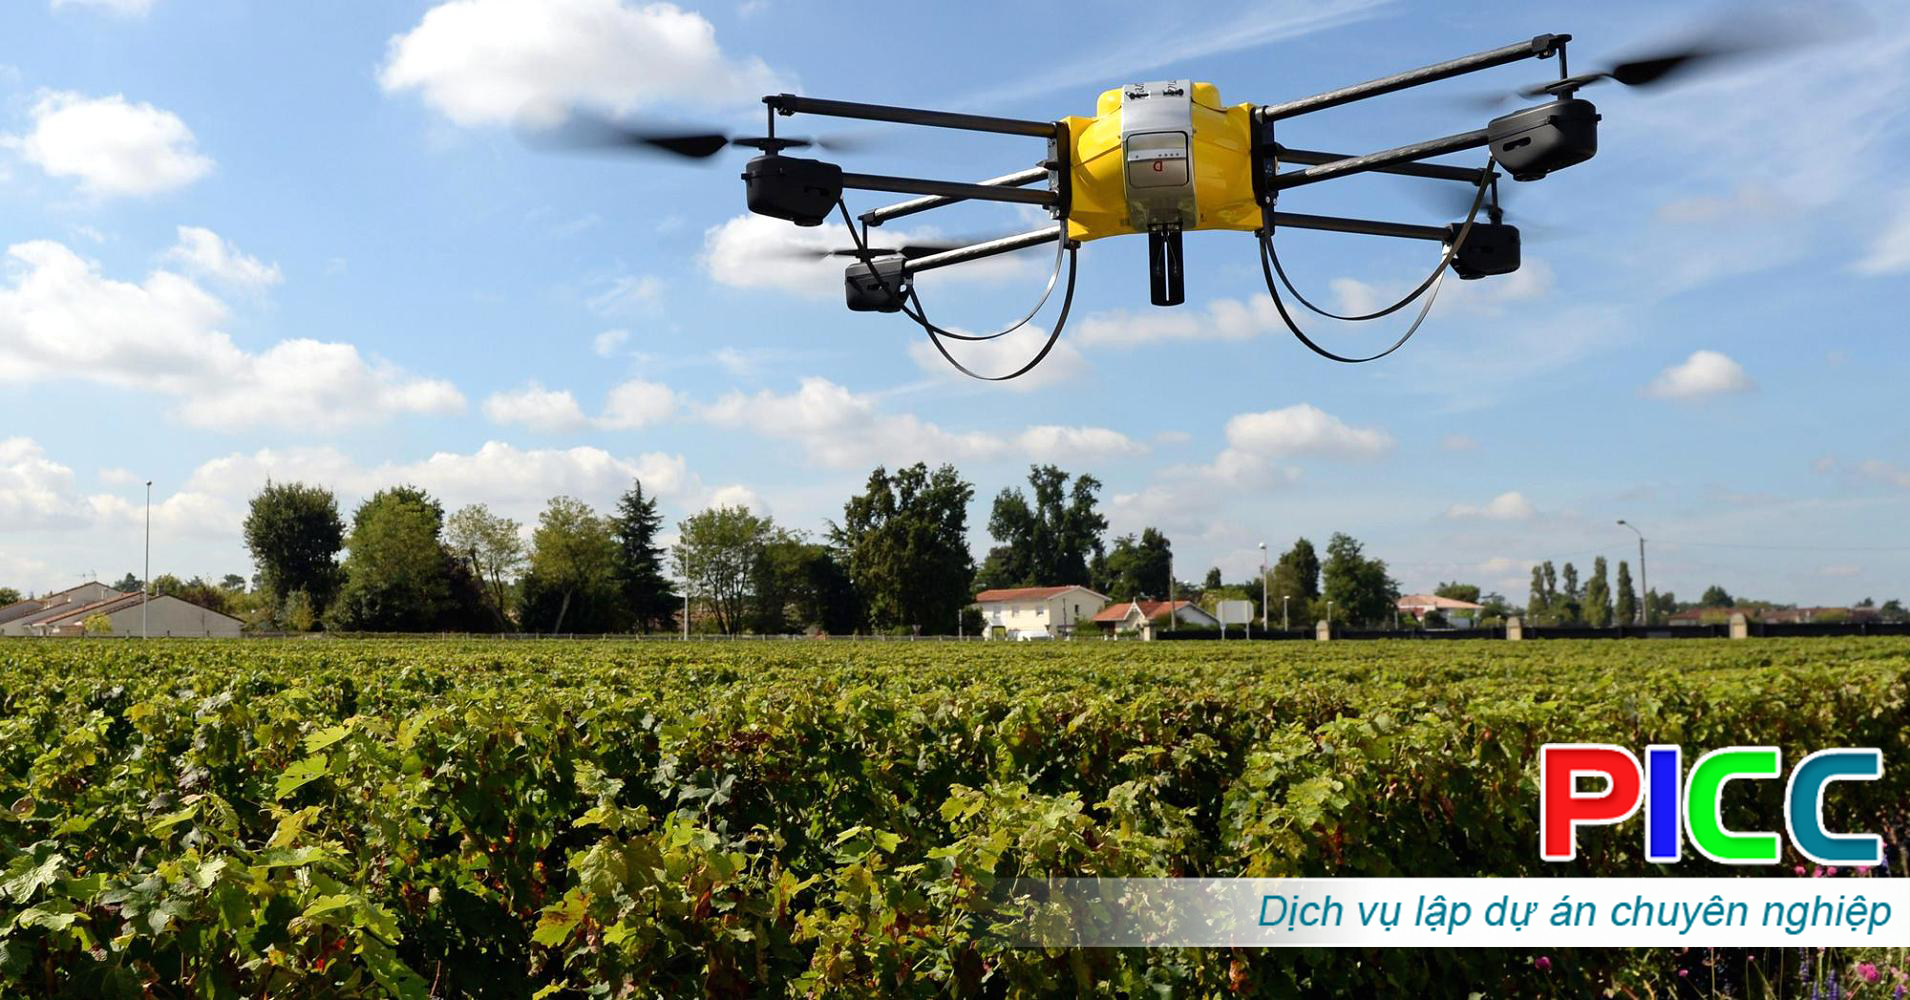 Nông nghiệp ứng dụng công nghệ cao là hướng đi tất yếu